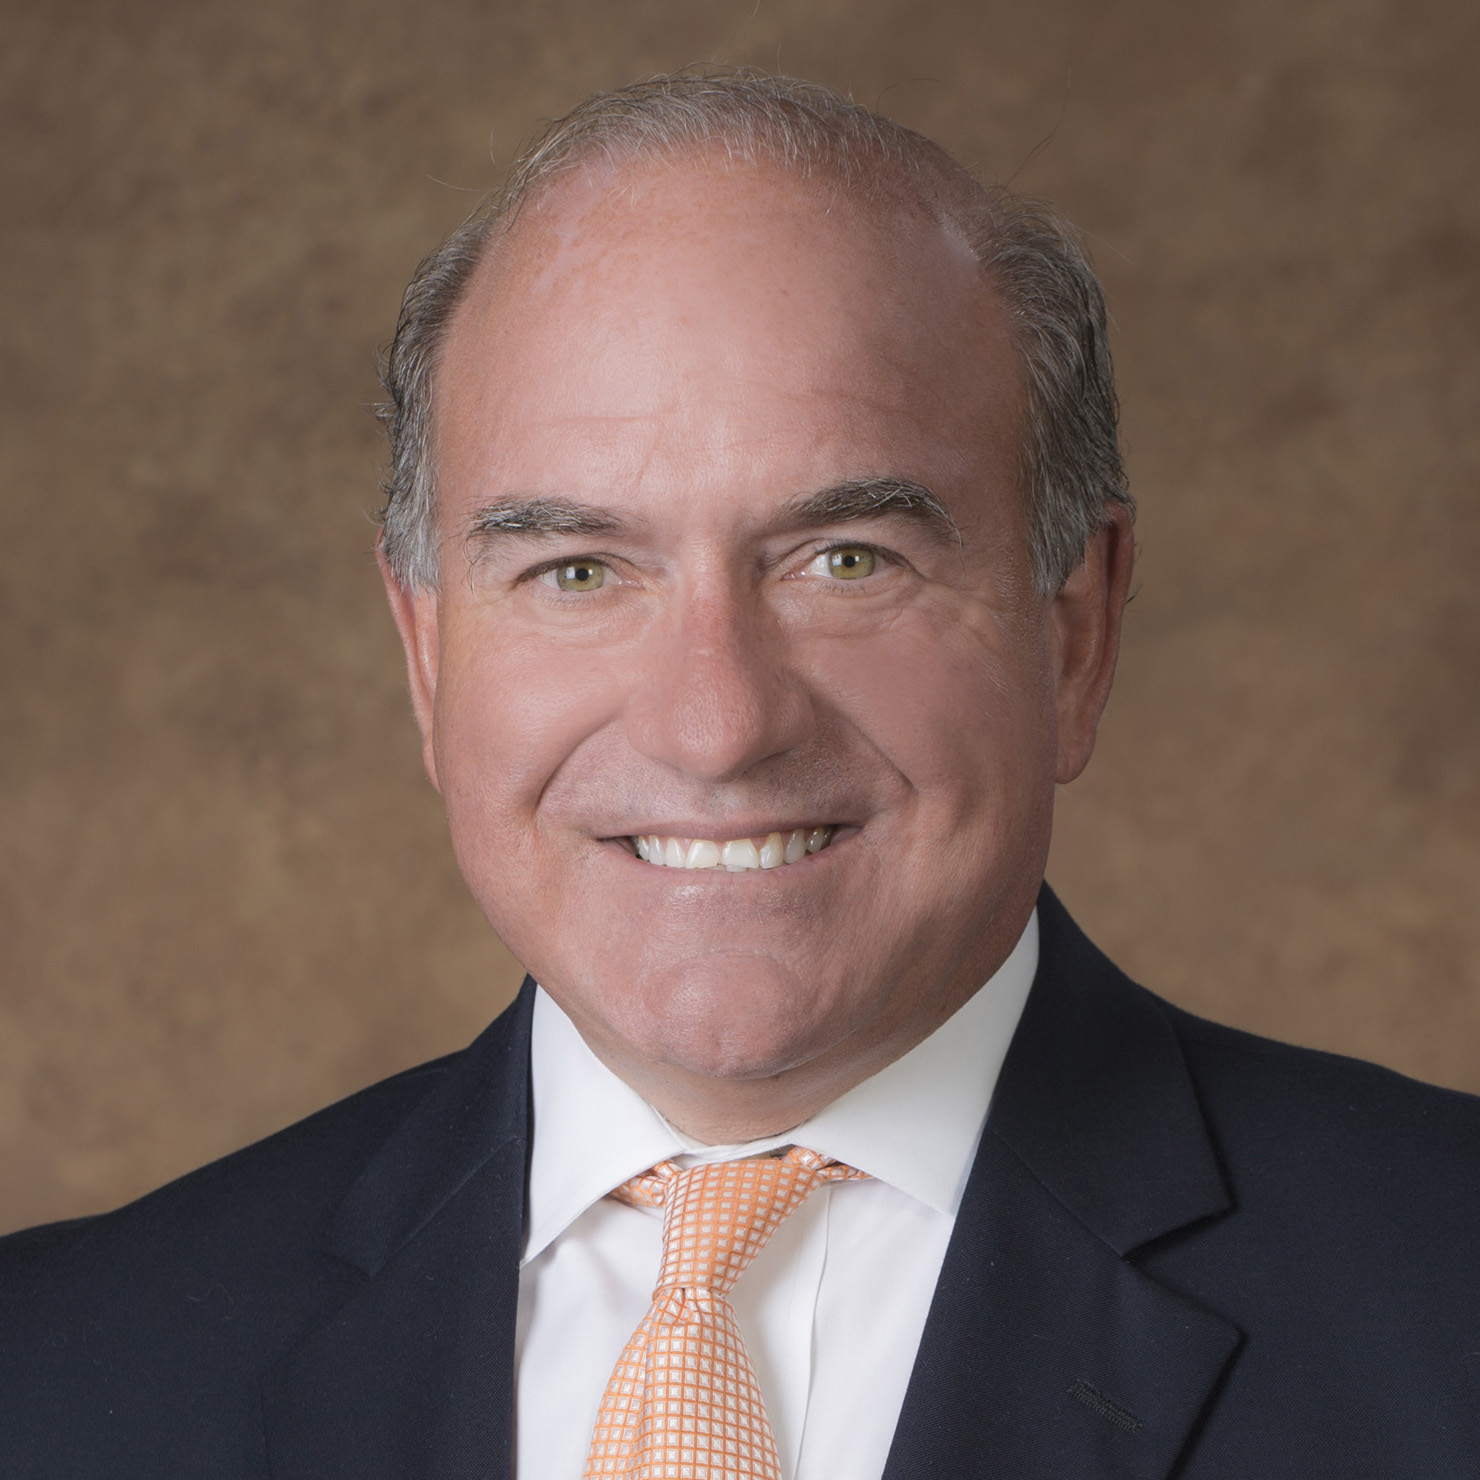 William Paiva